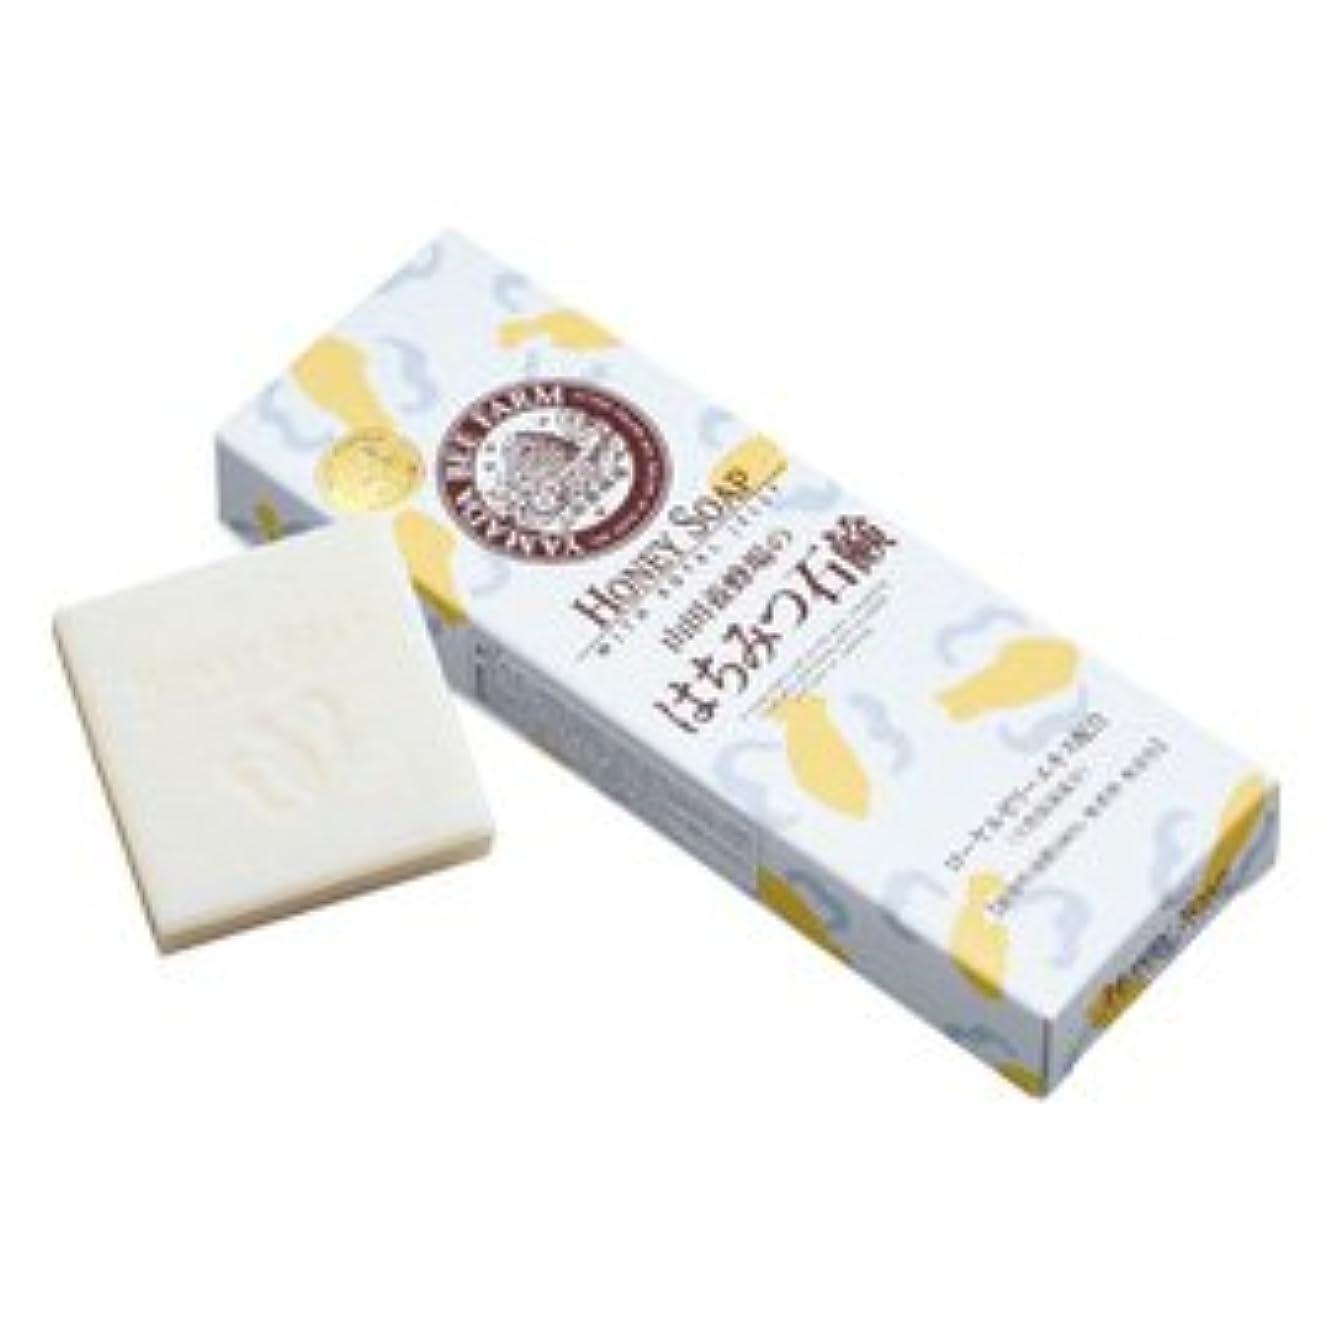 みすぼらしい朝の体操をする本当にはちみつ石鹸 60g×3個入/Honey Soap